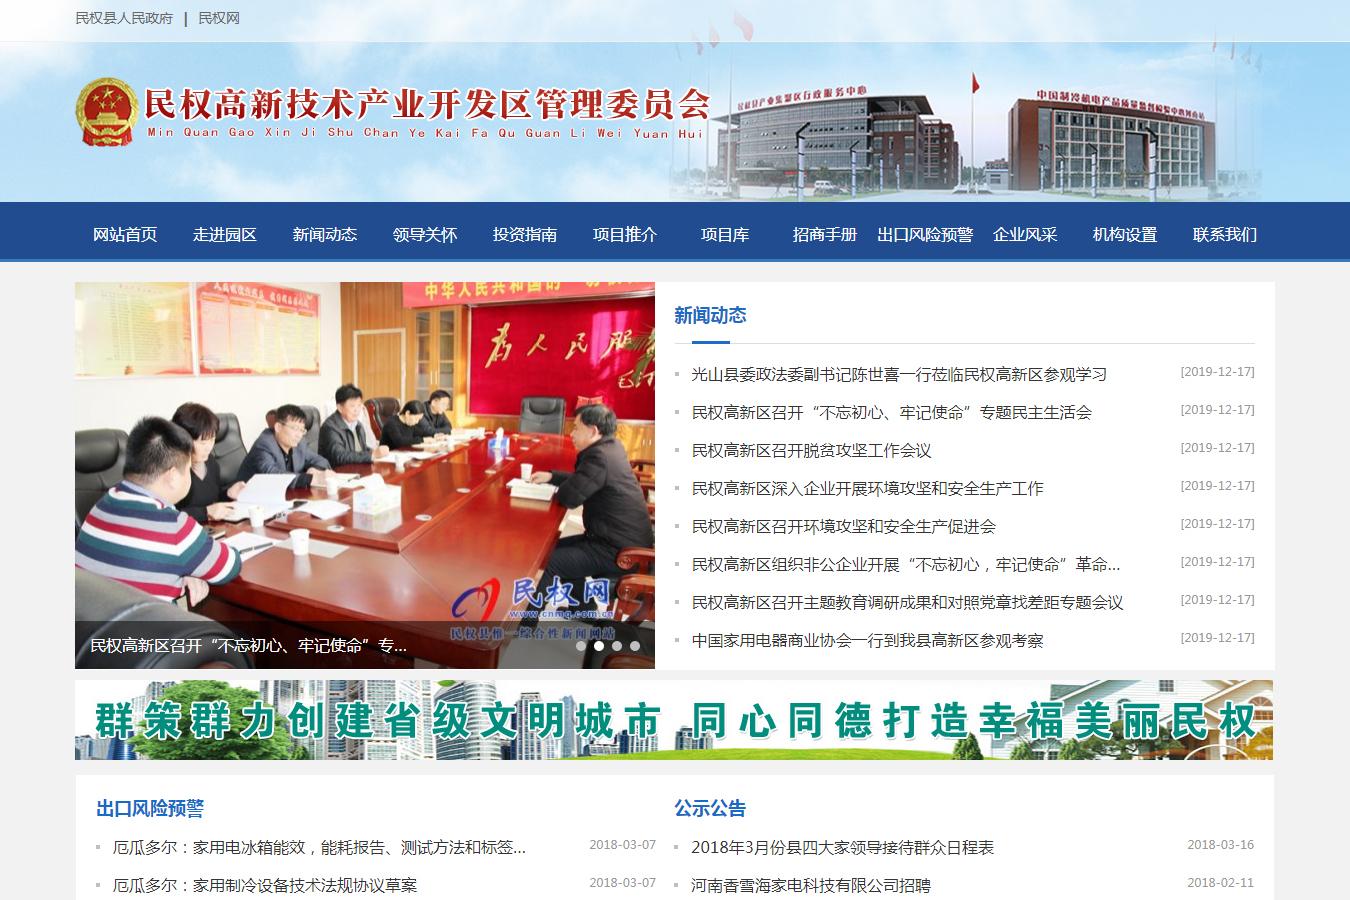 民权高新技术产业开发区管理委员会